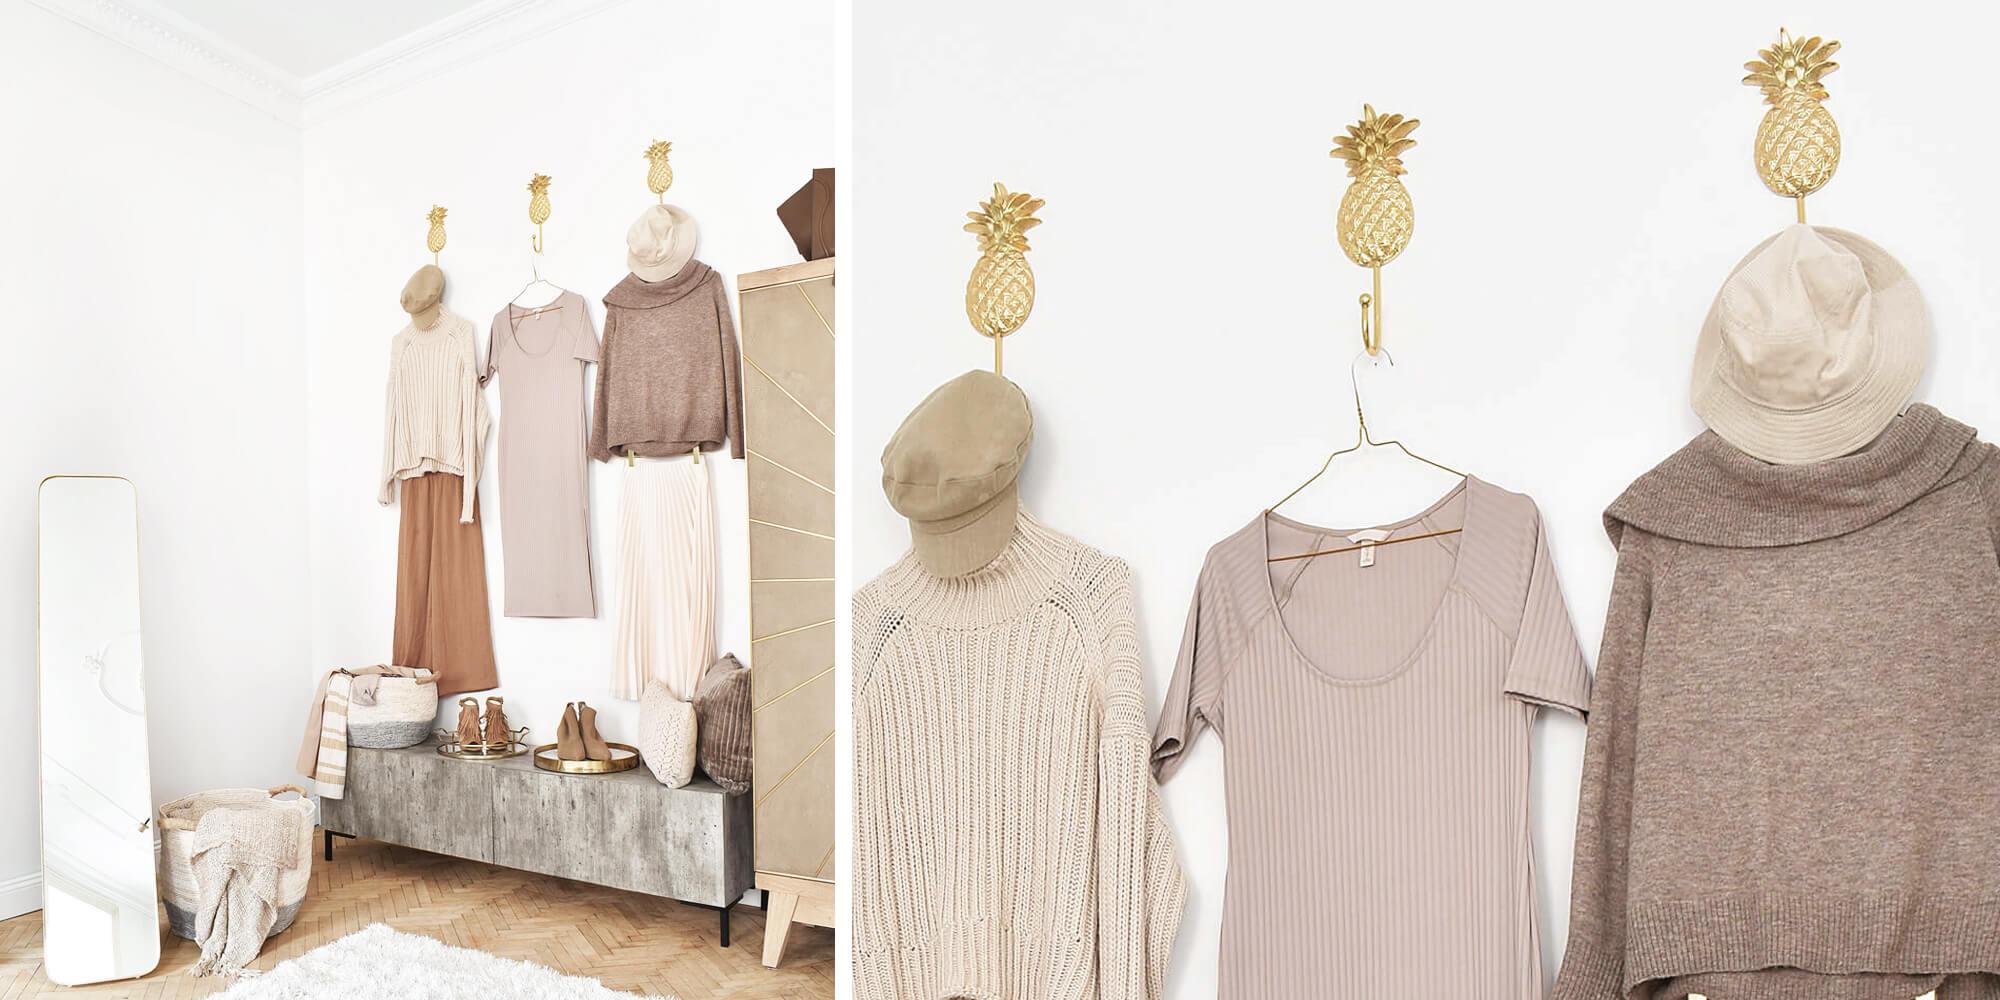 Wandhaken & Kleiderbügel